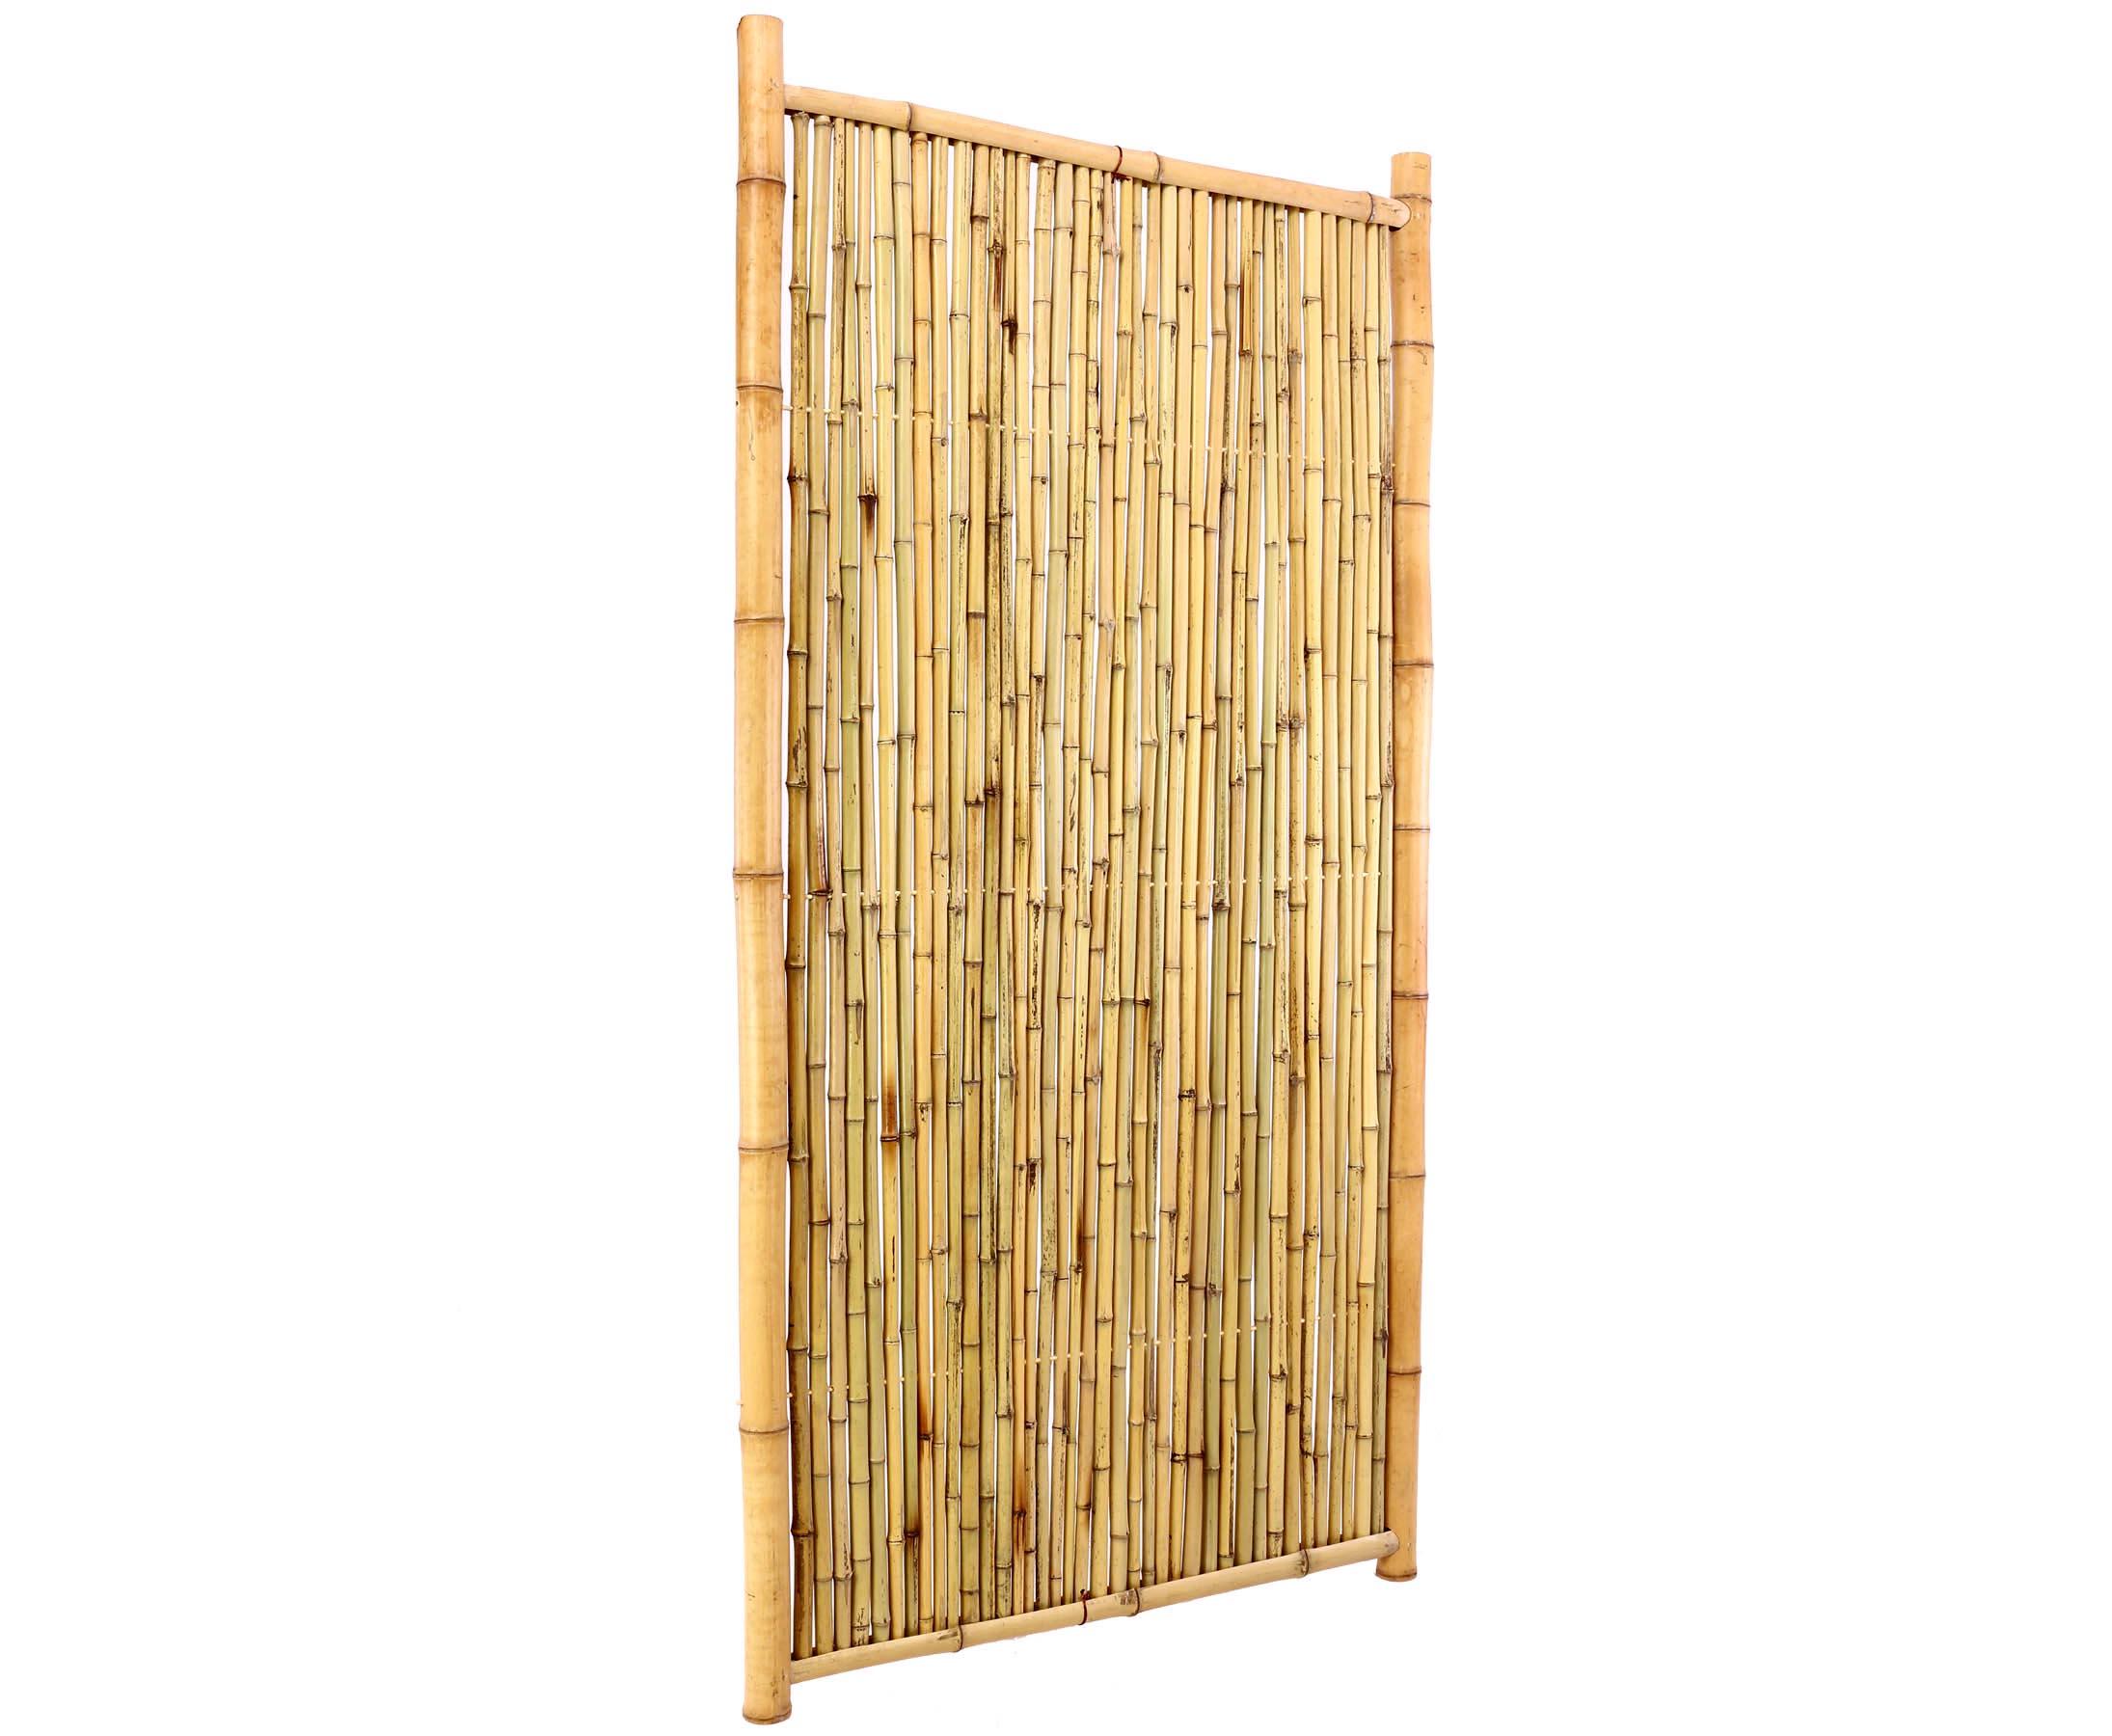 Bambus Sichtschutzzaun Geschlossen 180x90cm Hier Bestellen